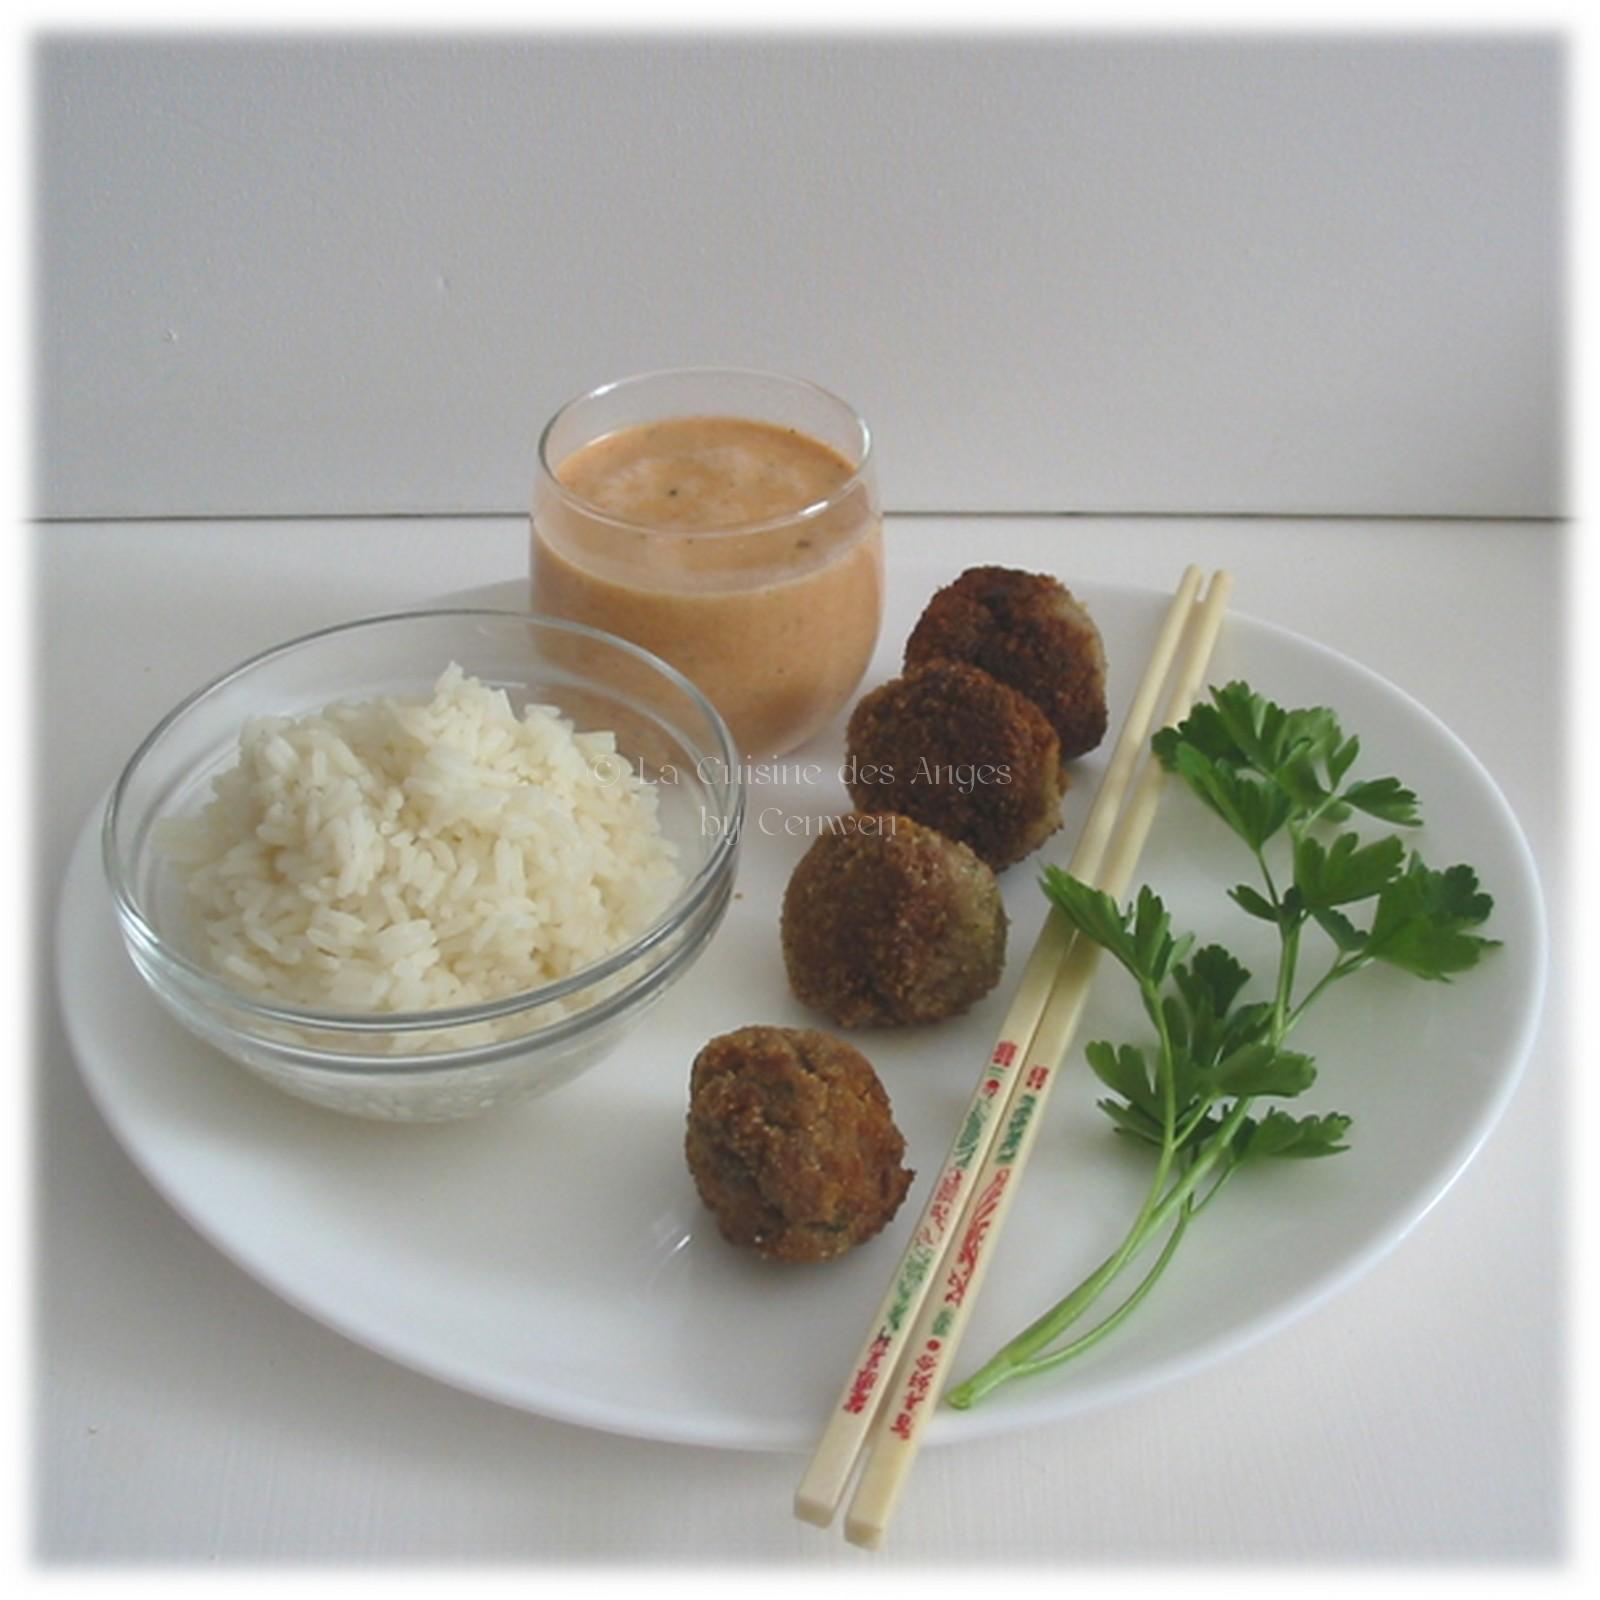 Boulettes de boeuf au gingembre la cuisine des anges - Comment cuisiner des boulettes de boeuf ...